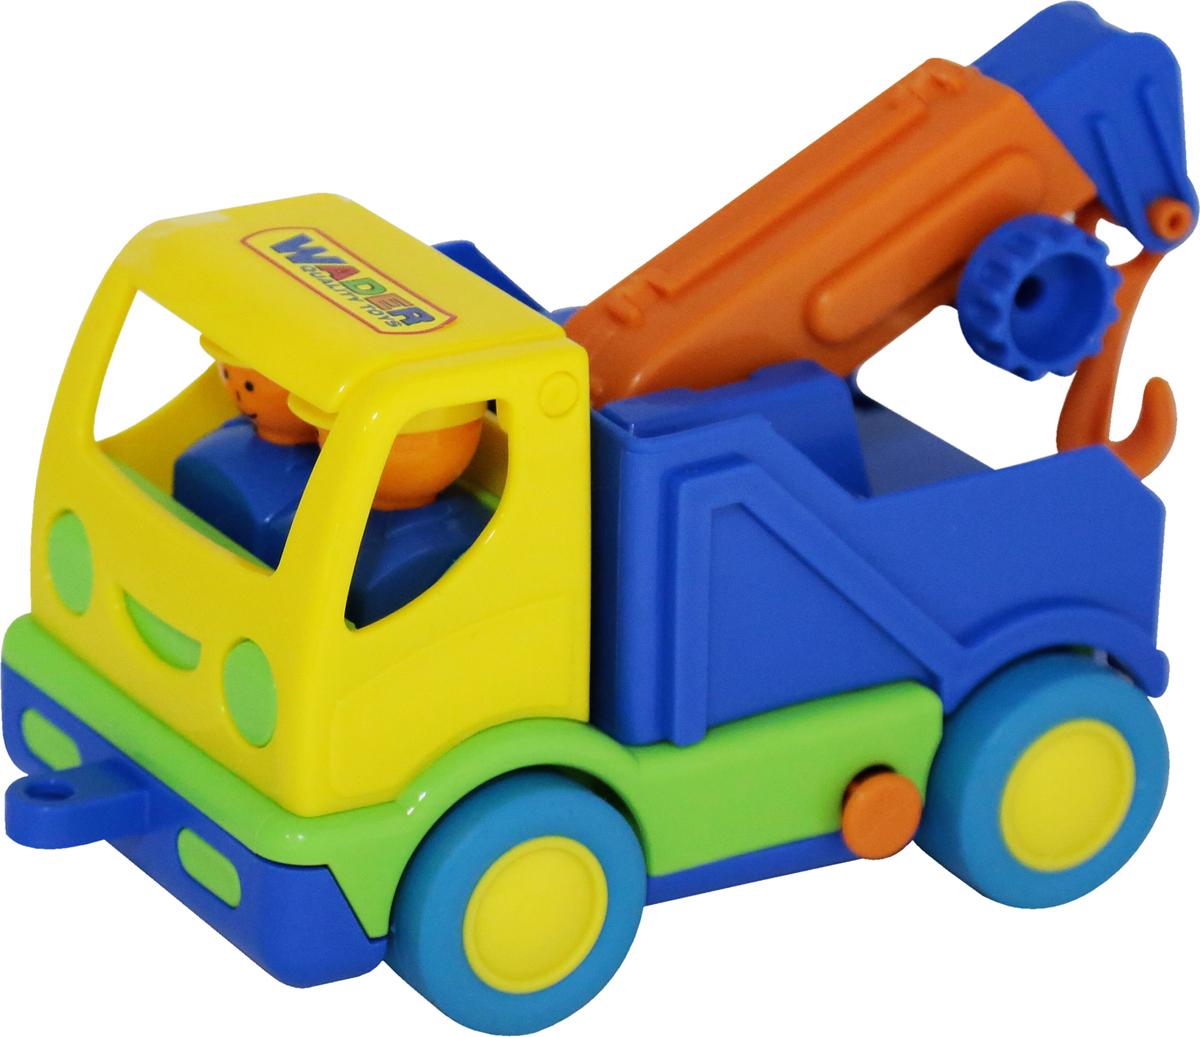 Полесье Эвакуатор Мой первый грузовик цвет желтый синий автомобиль пожарный полесье мой первый грузовик 40152